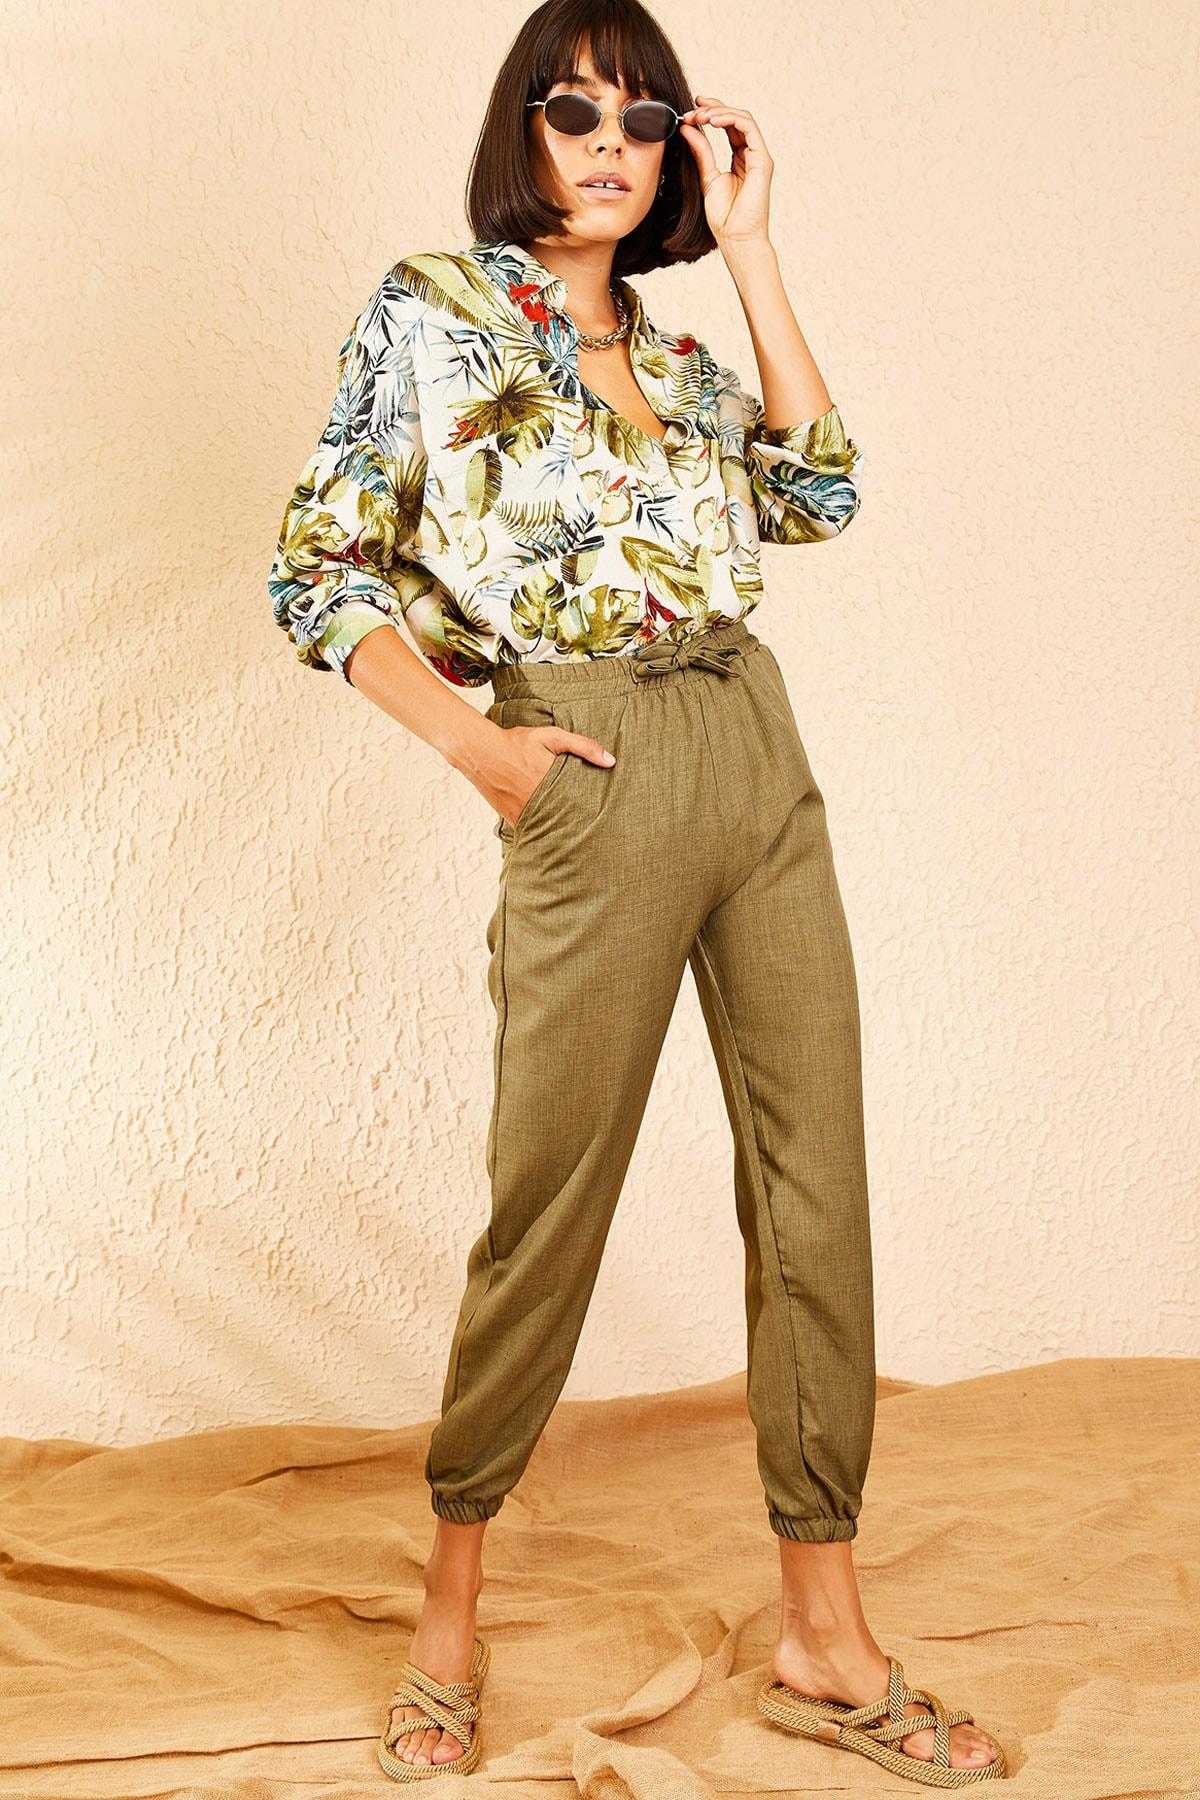 Bianco Lucci Kadın Haki Beli ve Paçası Lastikli Mevsimlik Rahat Pantolon 10111026 2